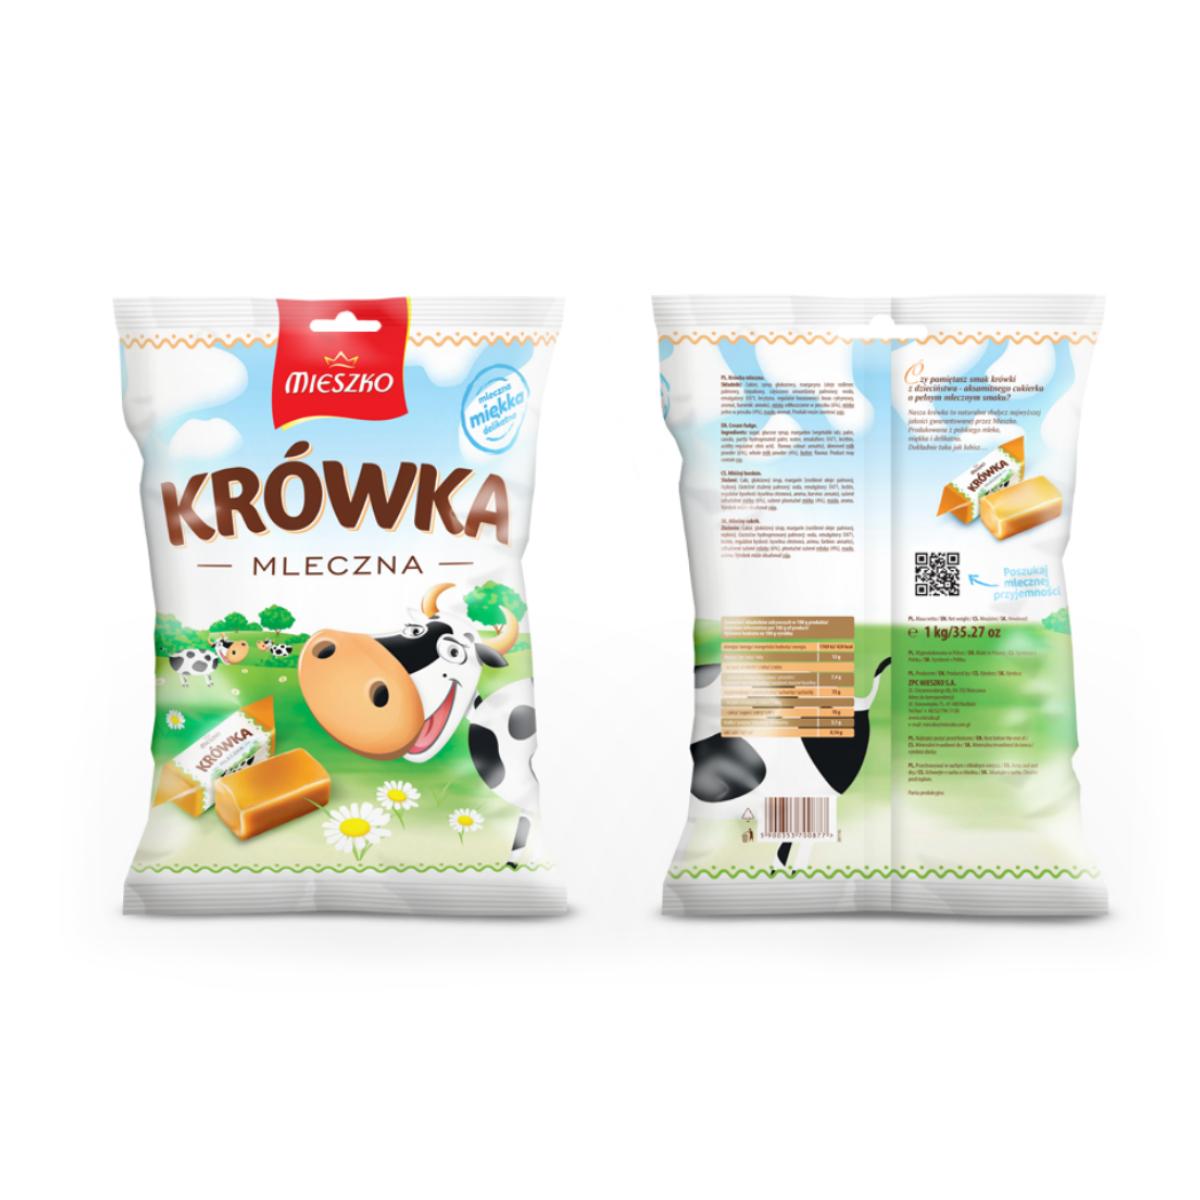 krowka_torebka